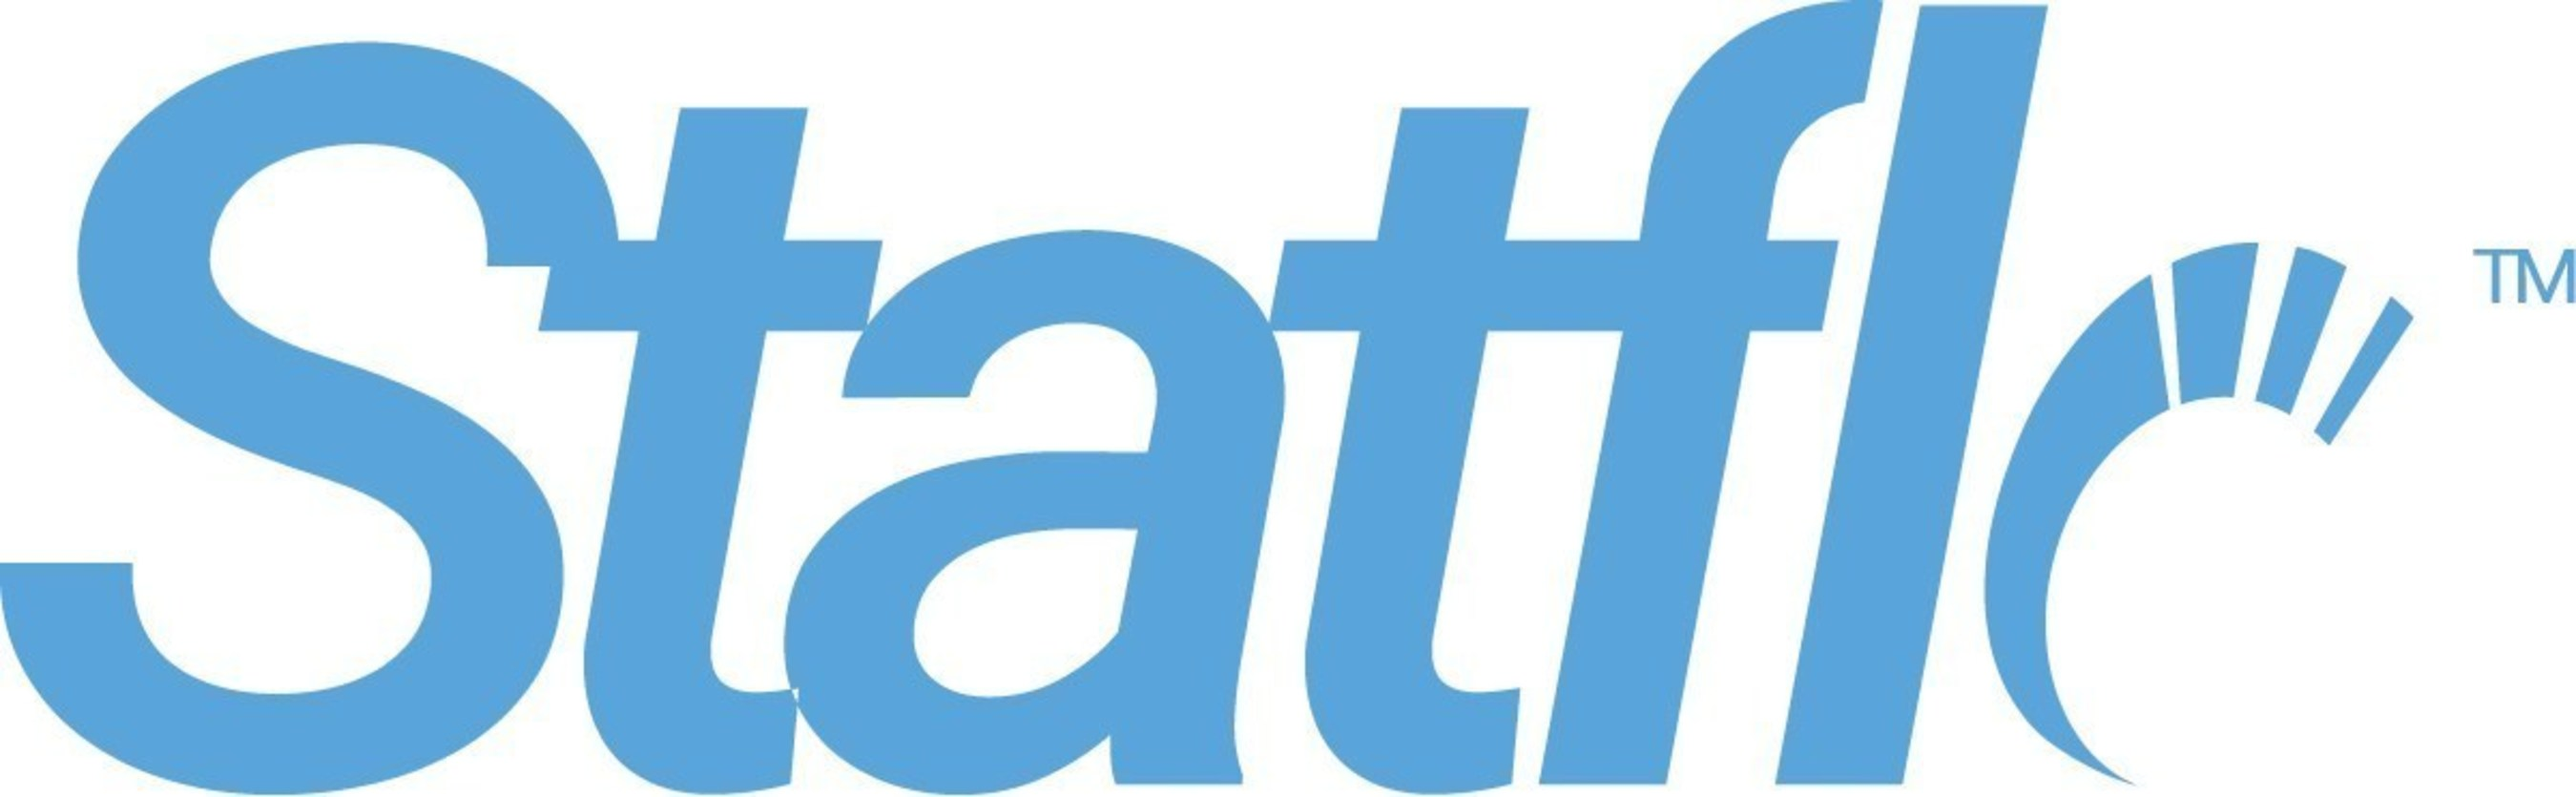 Statflo Raises $2.4-Million To Reinvent Wireless Customer Service